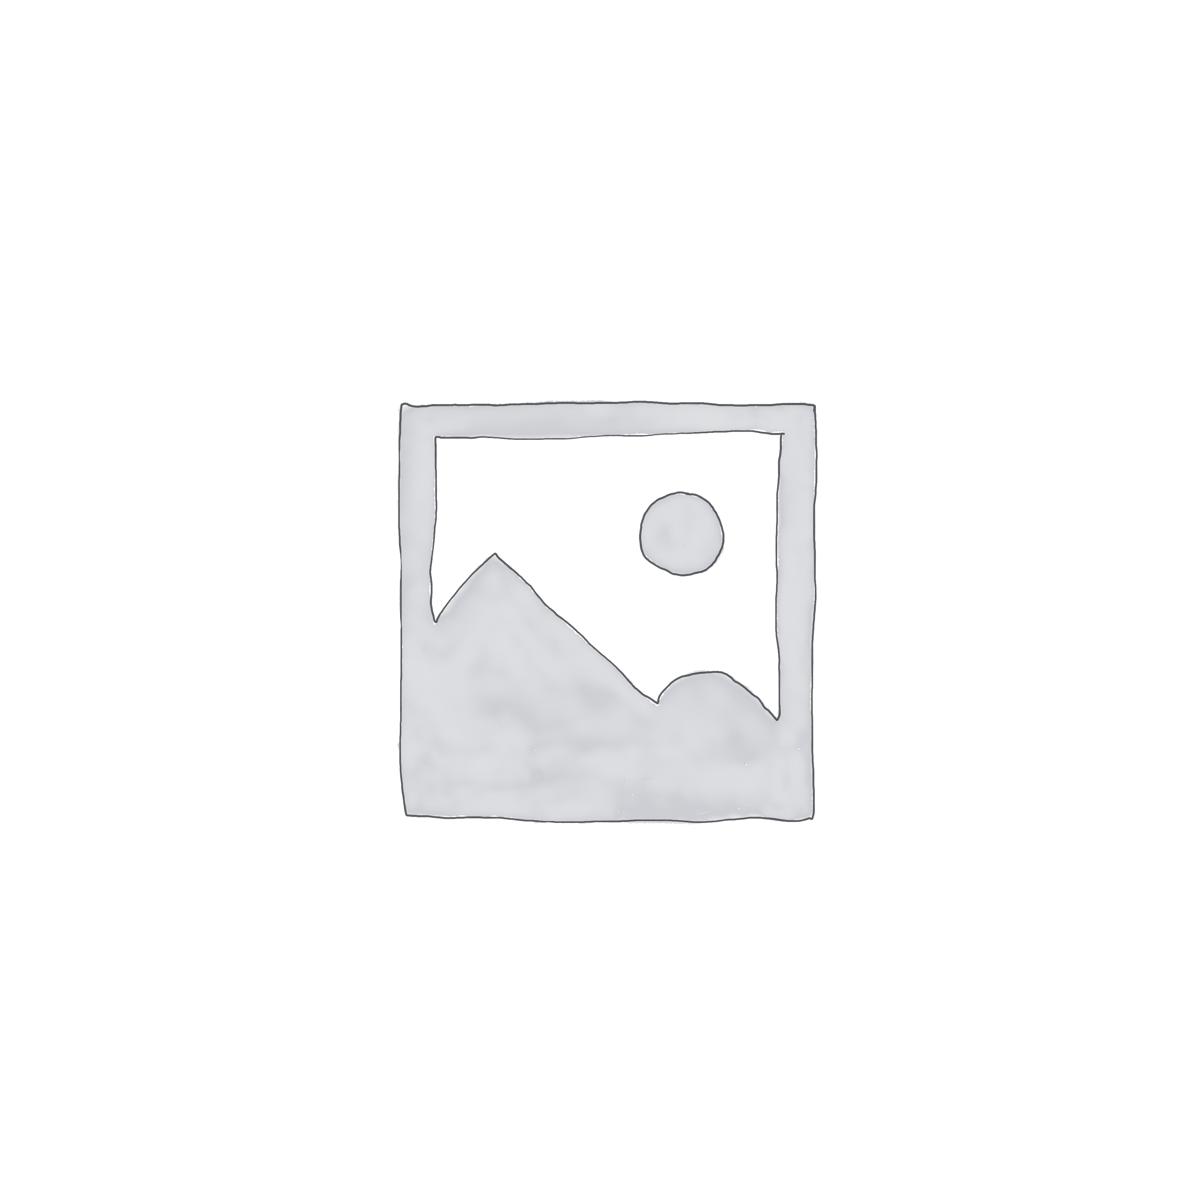 Colorful Fish Wallpaper Mural